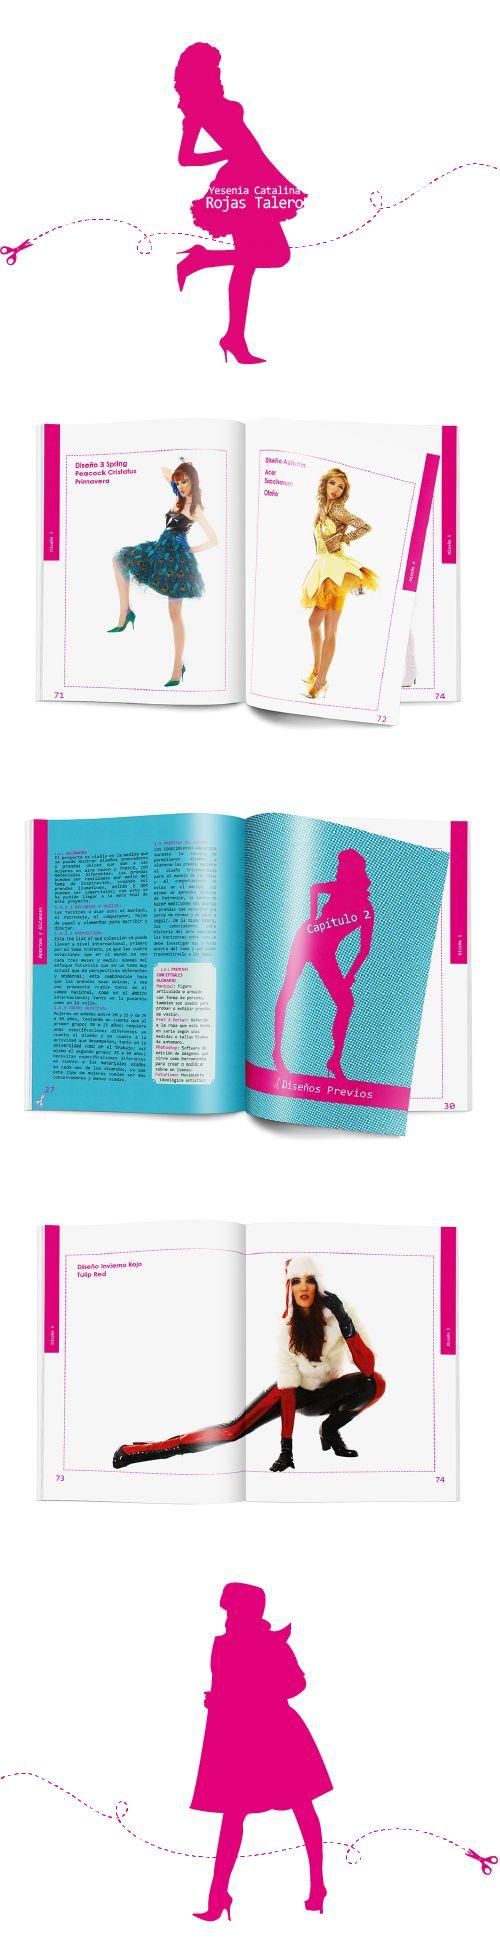 Yesenia Rojas  www.estudio201.com Dirección Artística: diagramación de piezas impresas, diseño de ilustraciones.